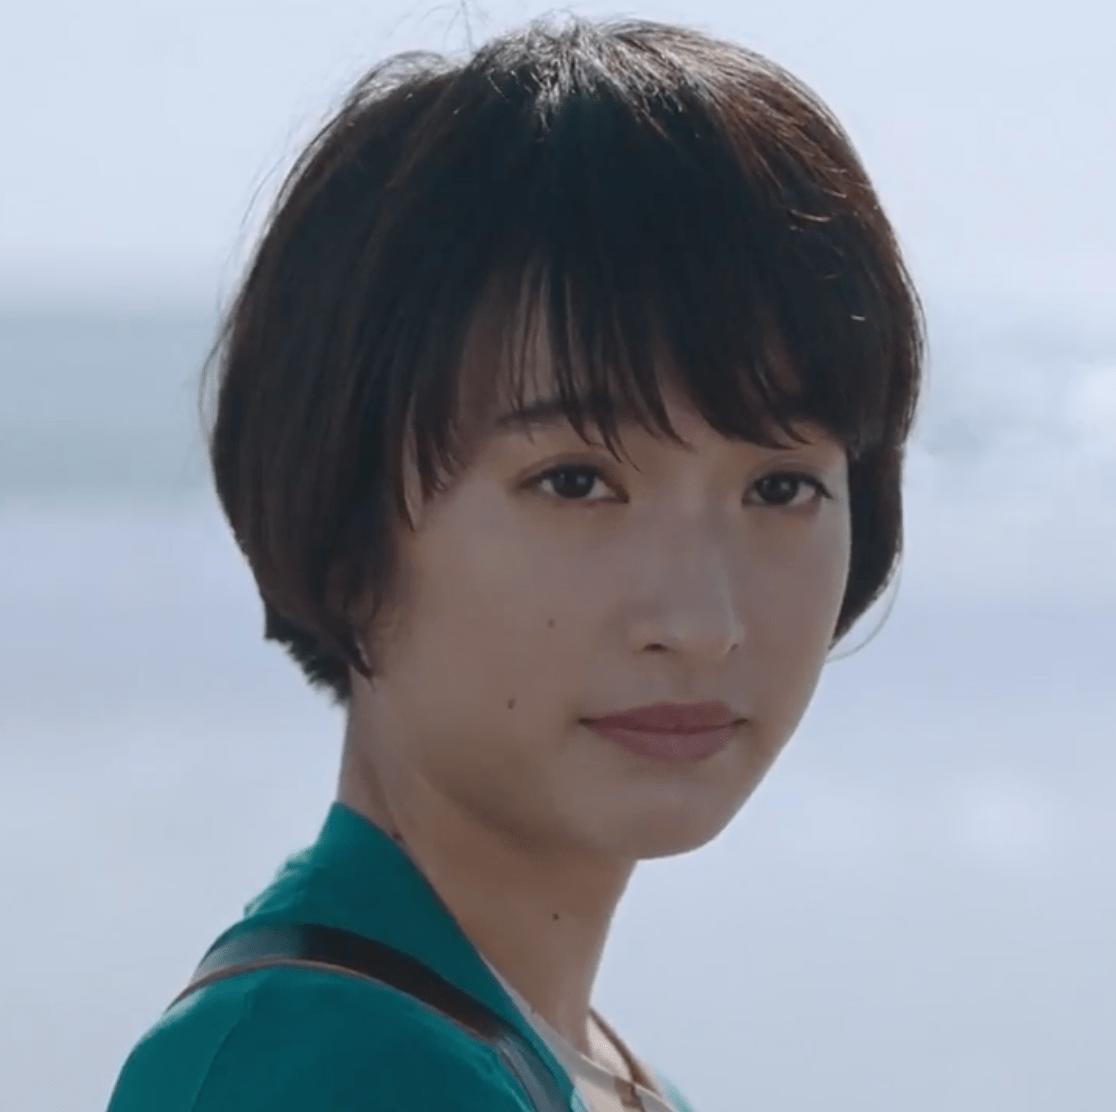 保険のビュッフェCMの女優は誰?ショートカットでルリ子役の女性が美人! | Keep It Fun